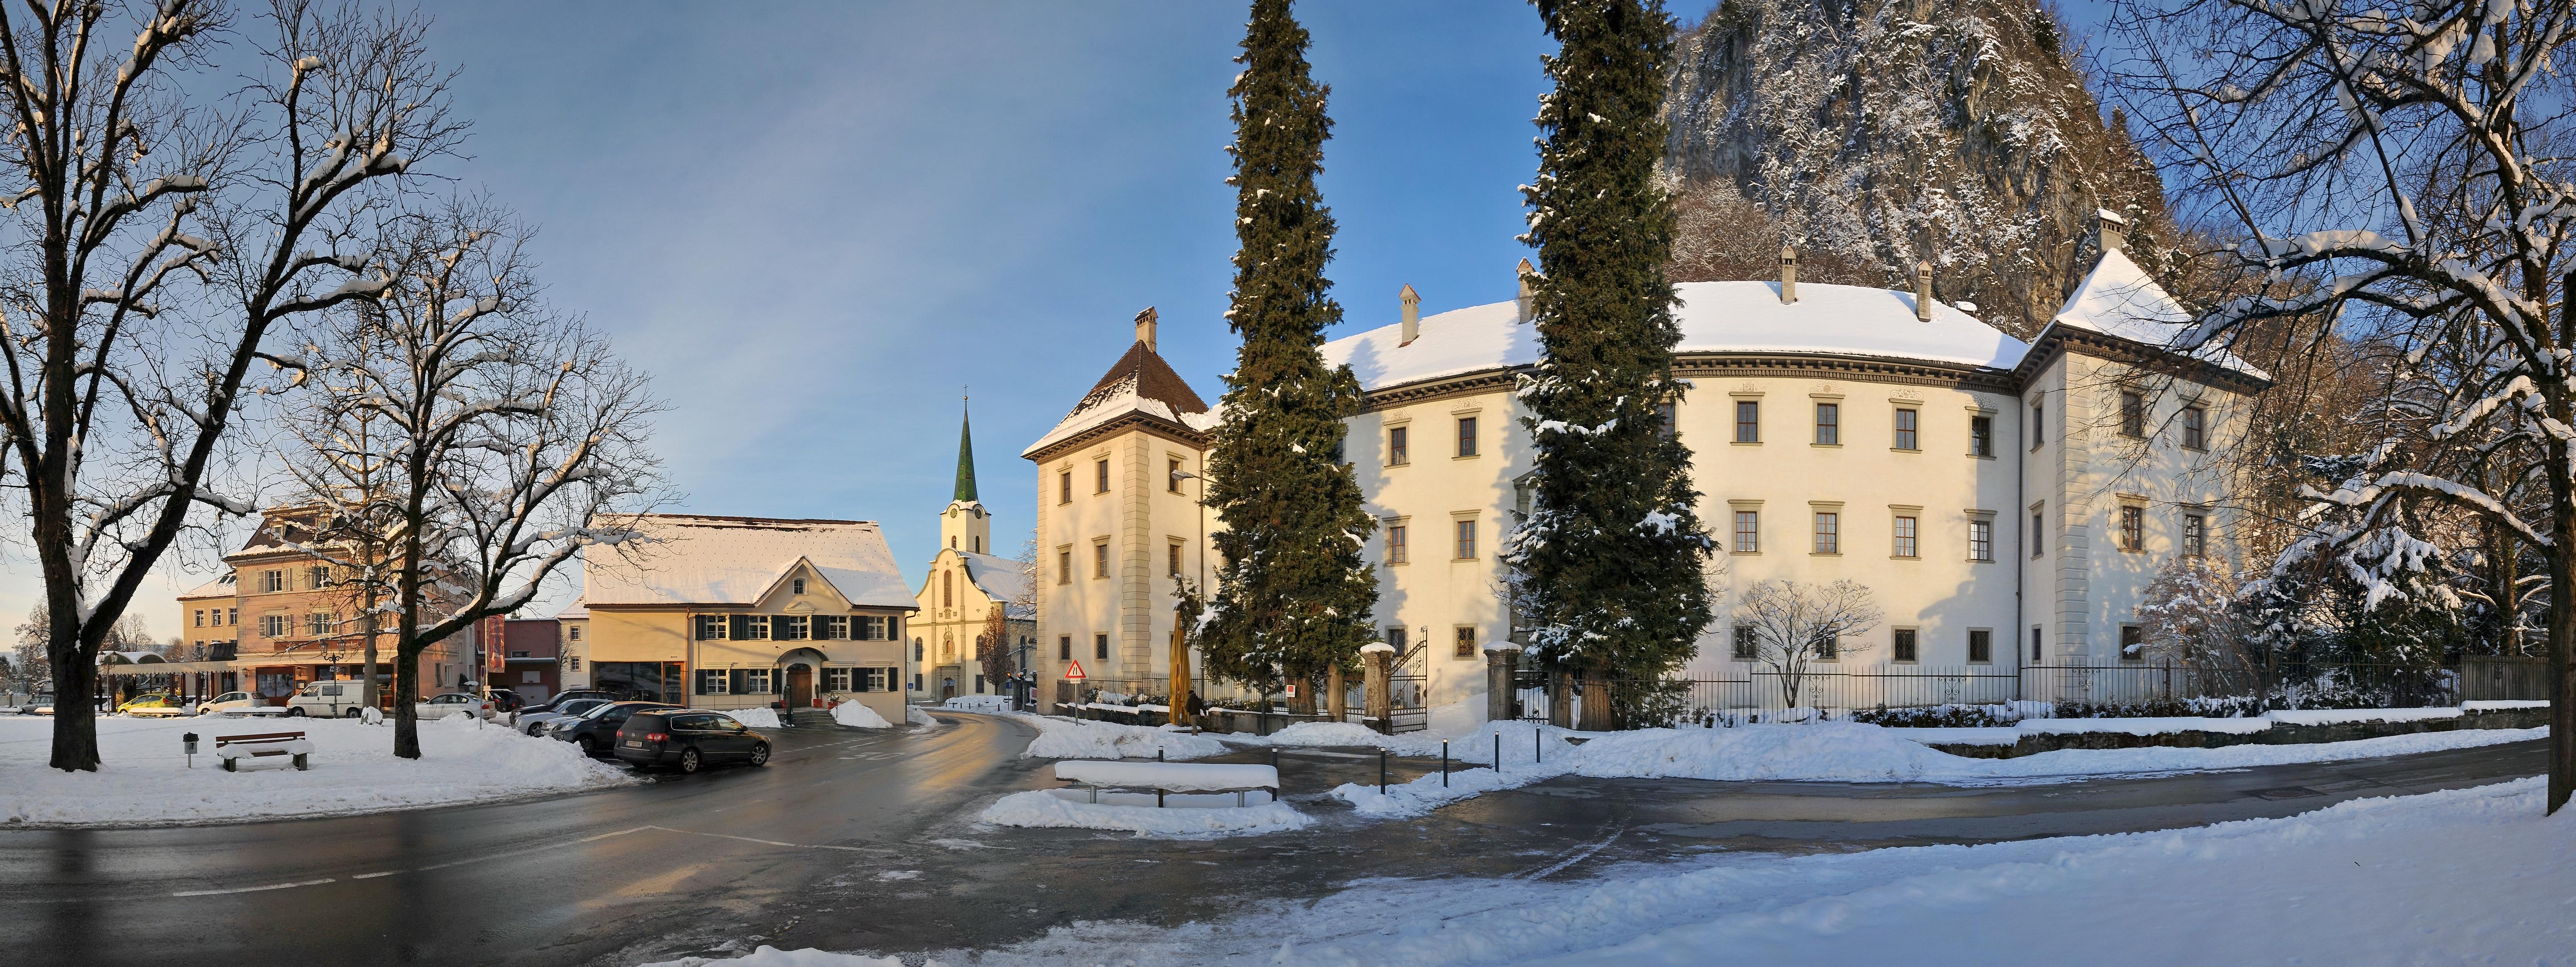 File:Palast Hohenems Winterpanorama 3.jpg - Wikimedia Commons